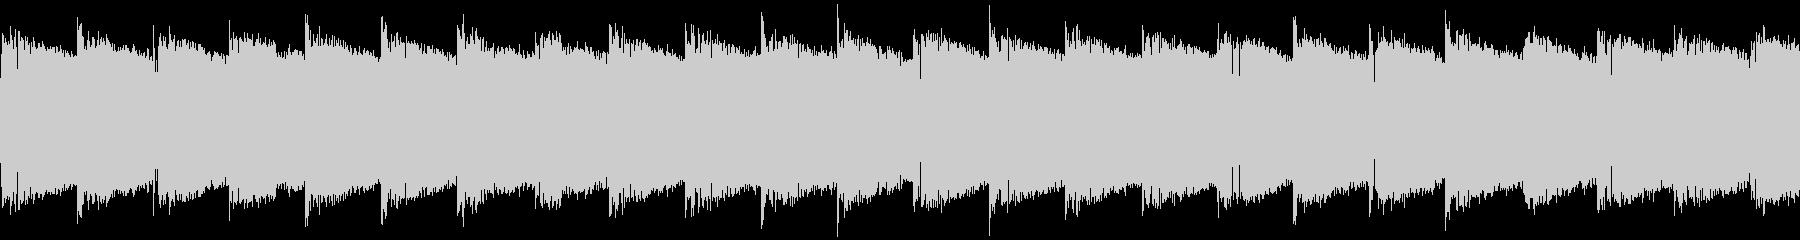 シンセ サイレン アナログ ピコピコ06の未再生の波形